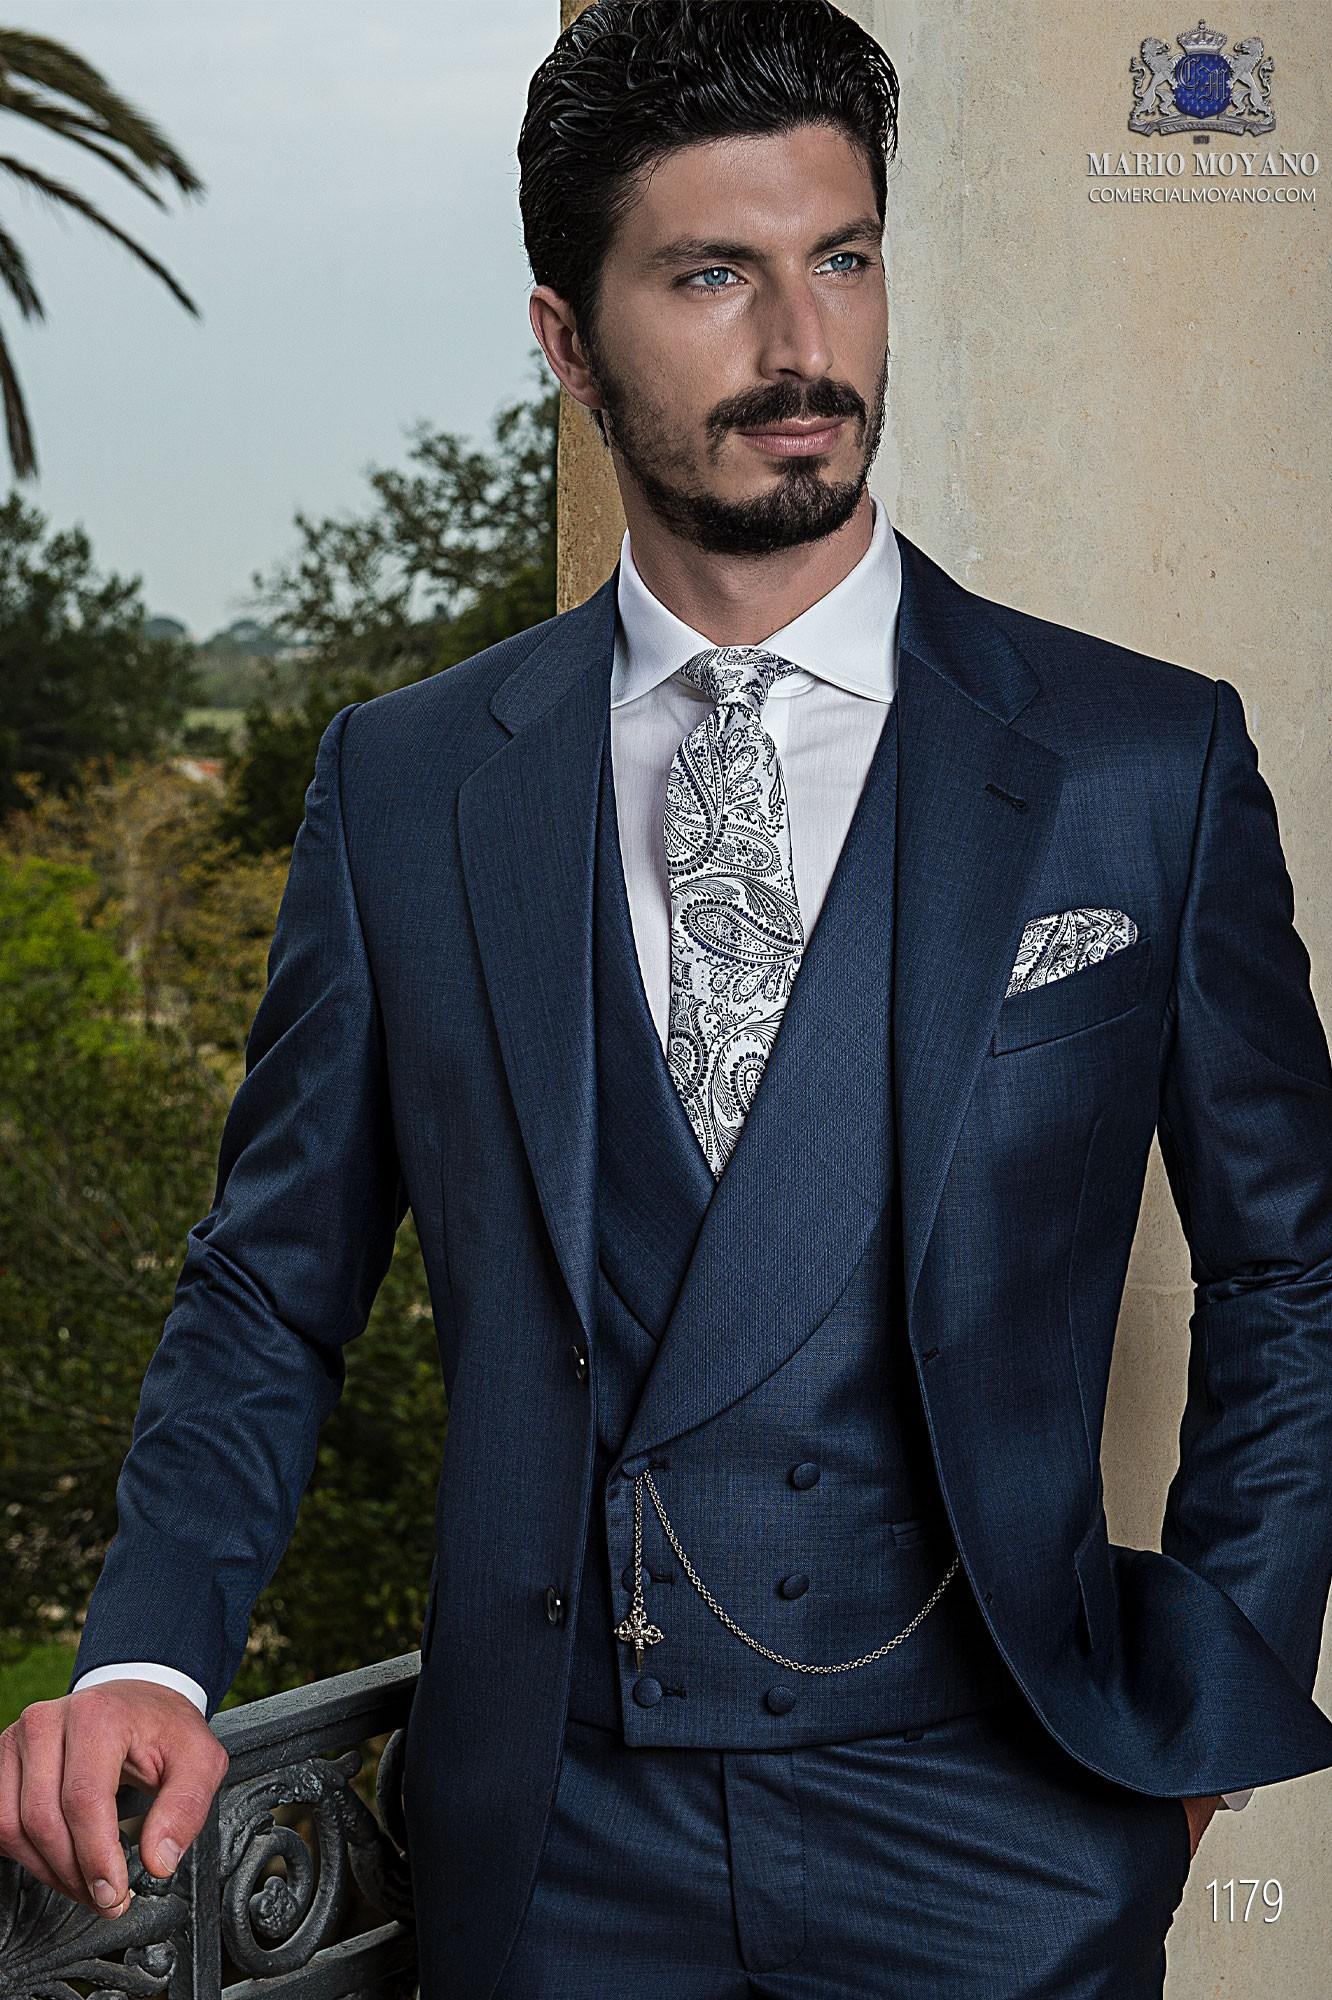 Traje de novio italiano azul modelo: 1179 Ottavio Nuccio Gala colección Gentleman